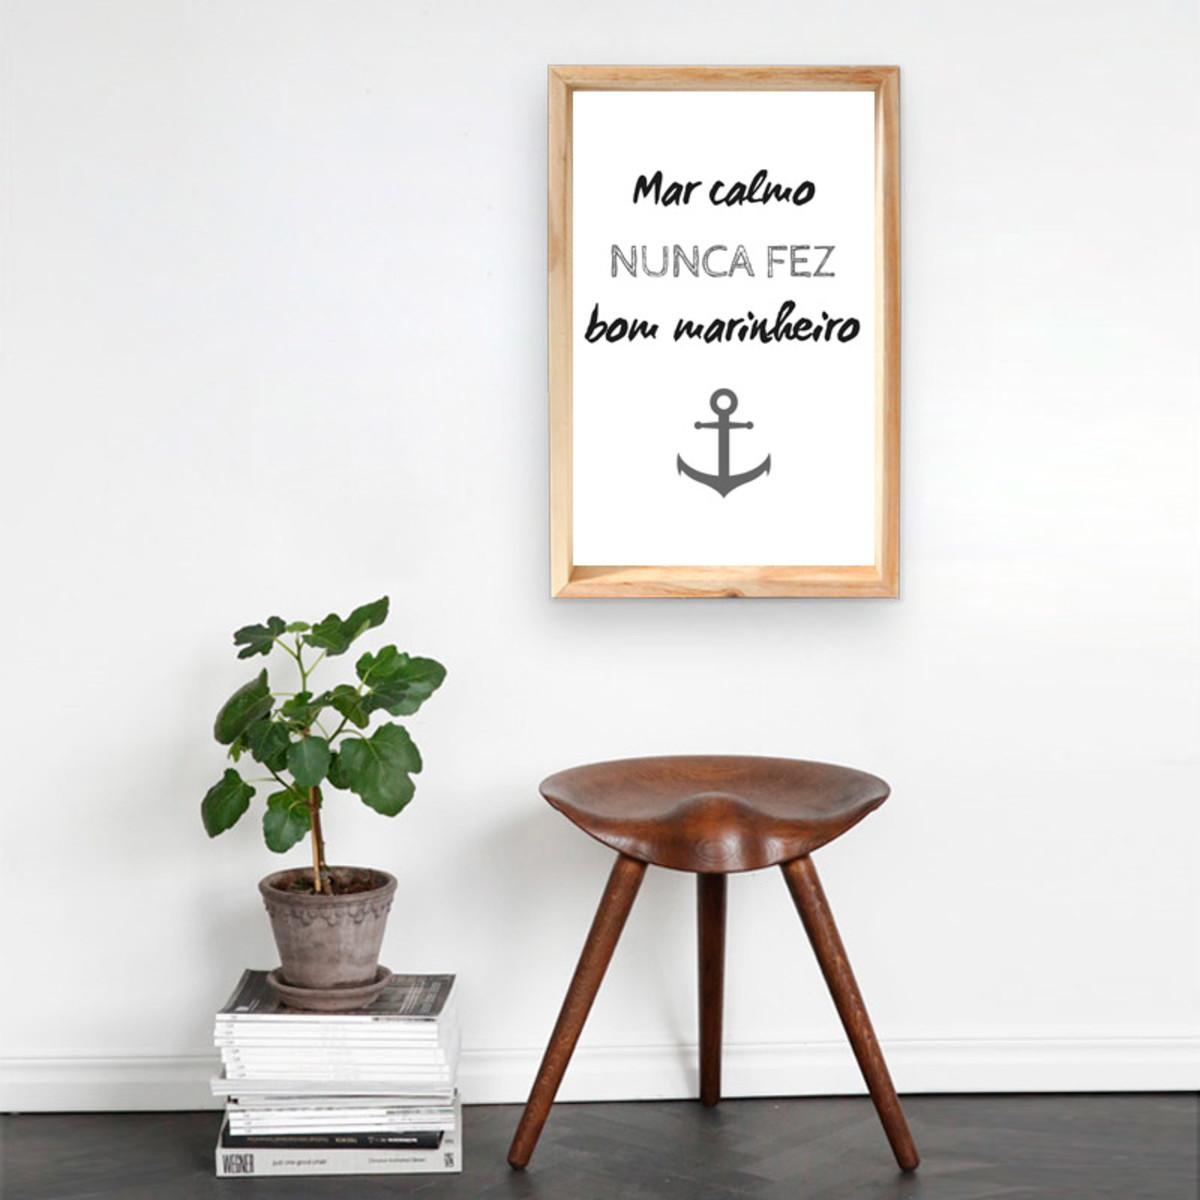 Pôster Digital Mar Calmo Nunca Fez Bom Marinheiro No Elo7 Loja